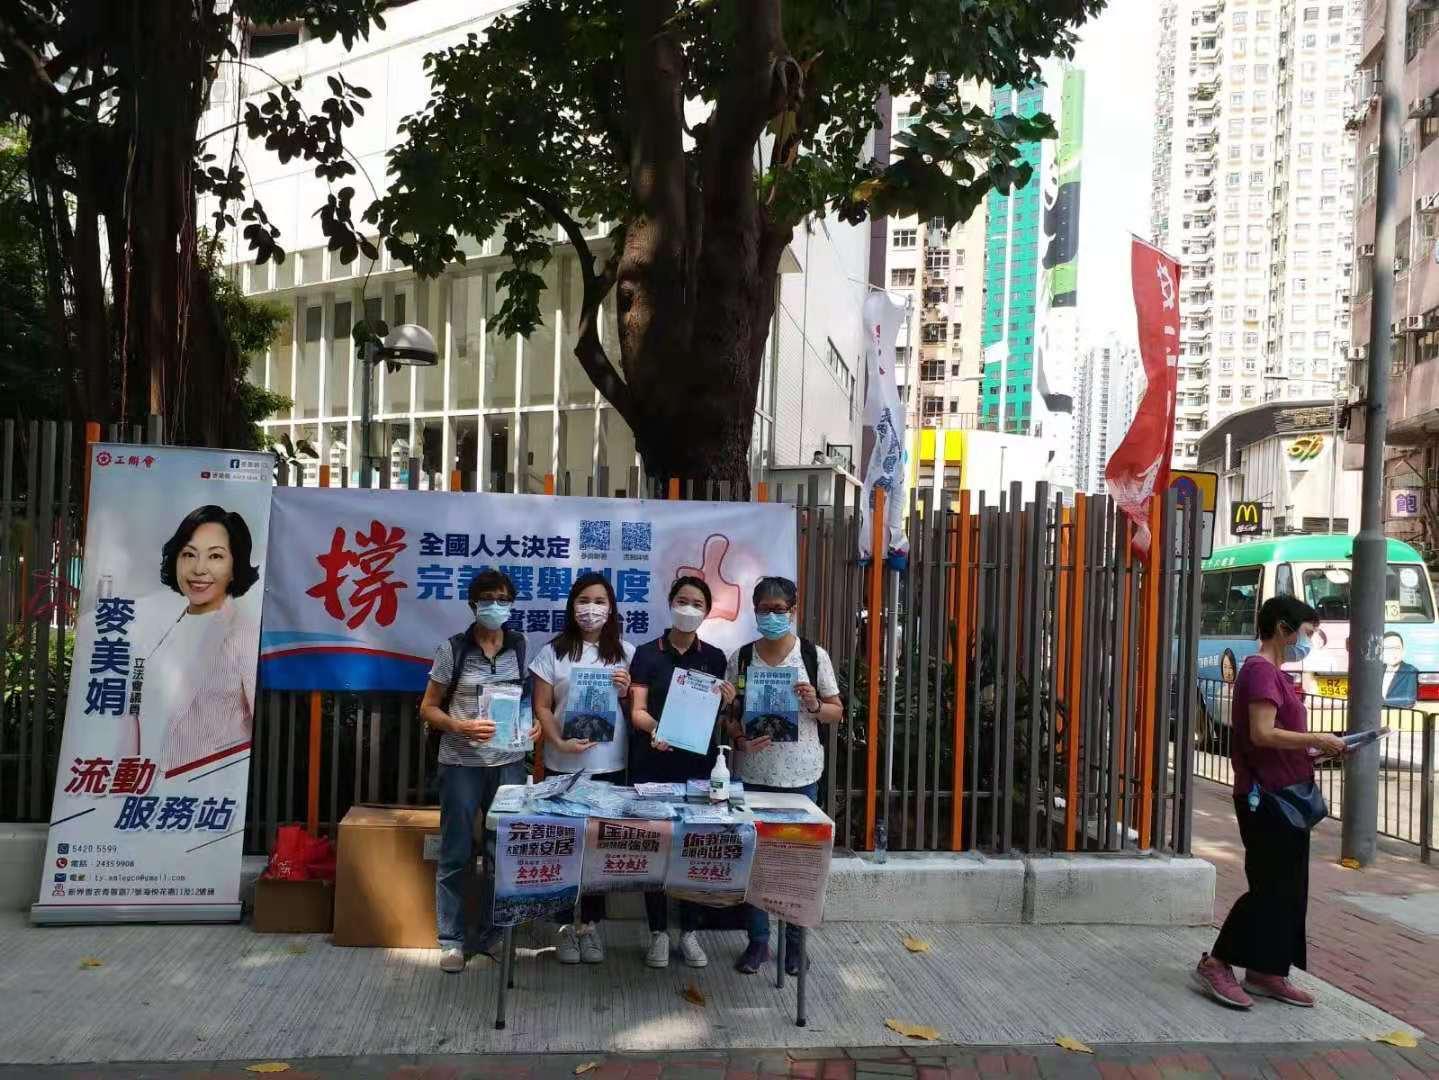 工聯會設街站,市民踴躍簽名支持完善香港特區的選舉制度。(大公文匯全媒體記者 馮沛賢 攝)